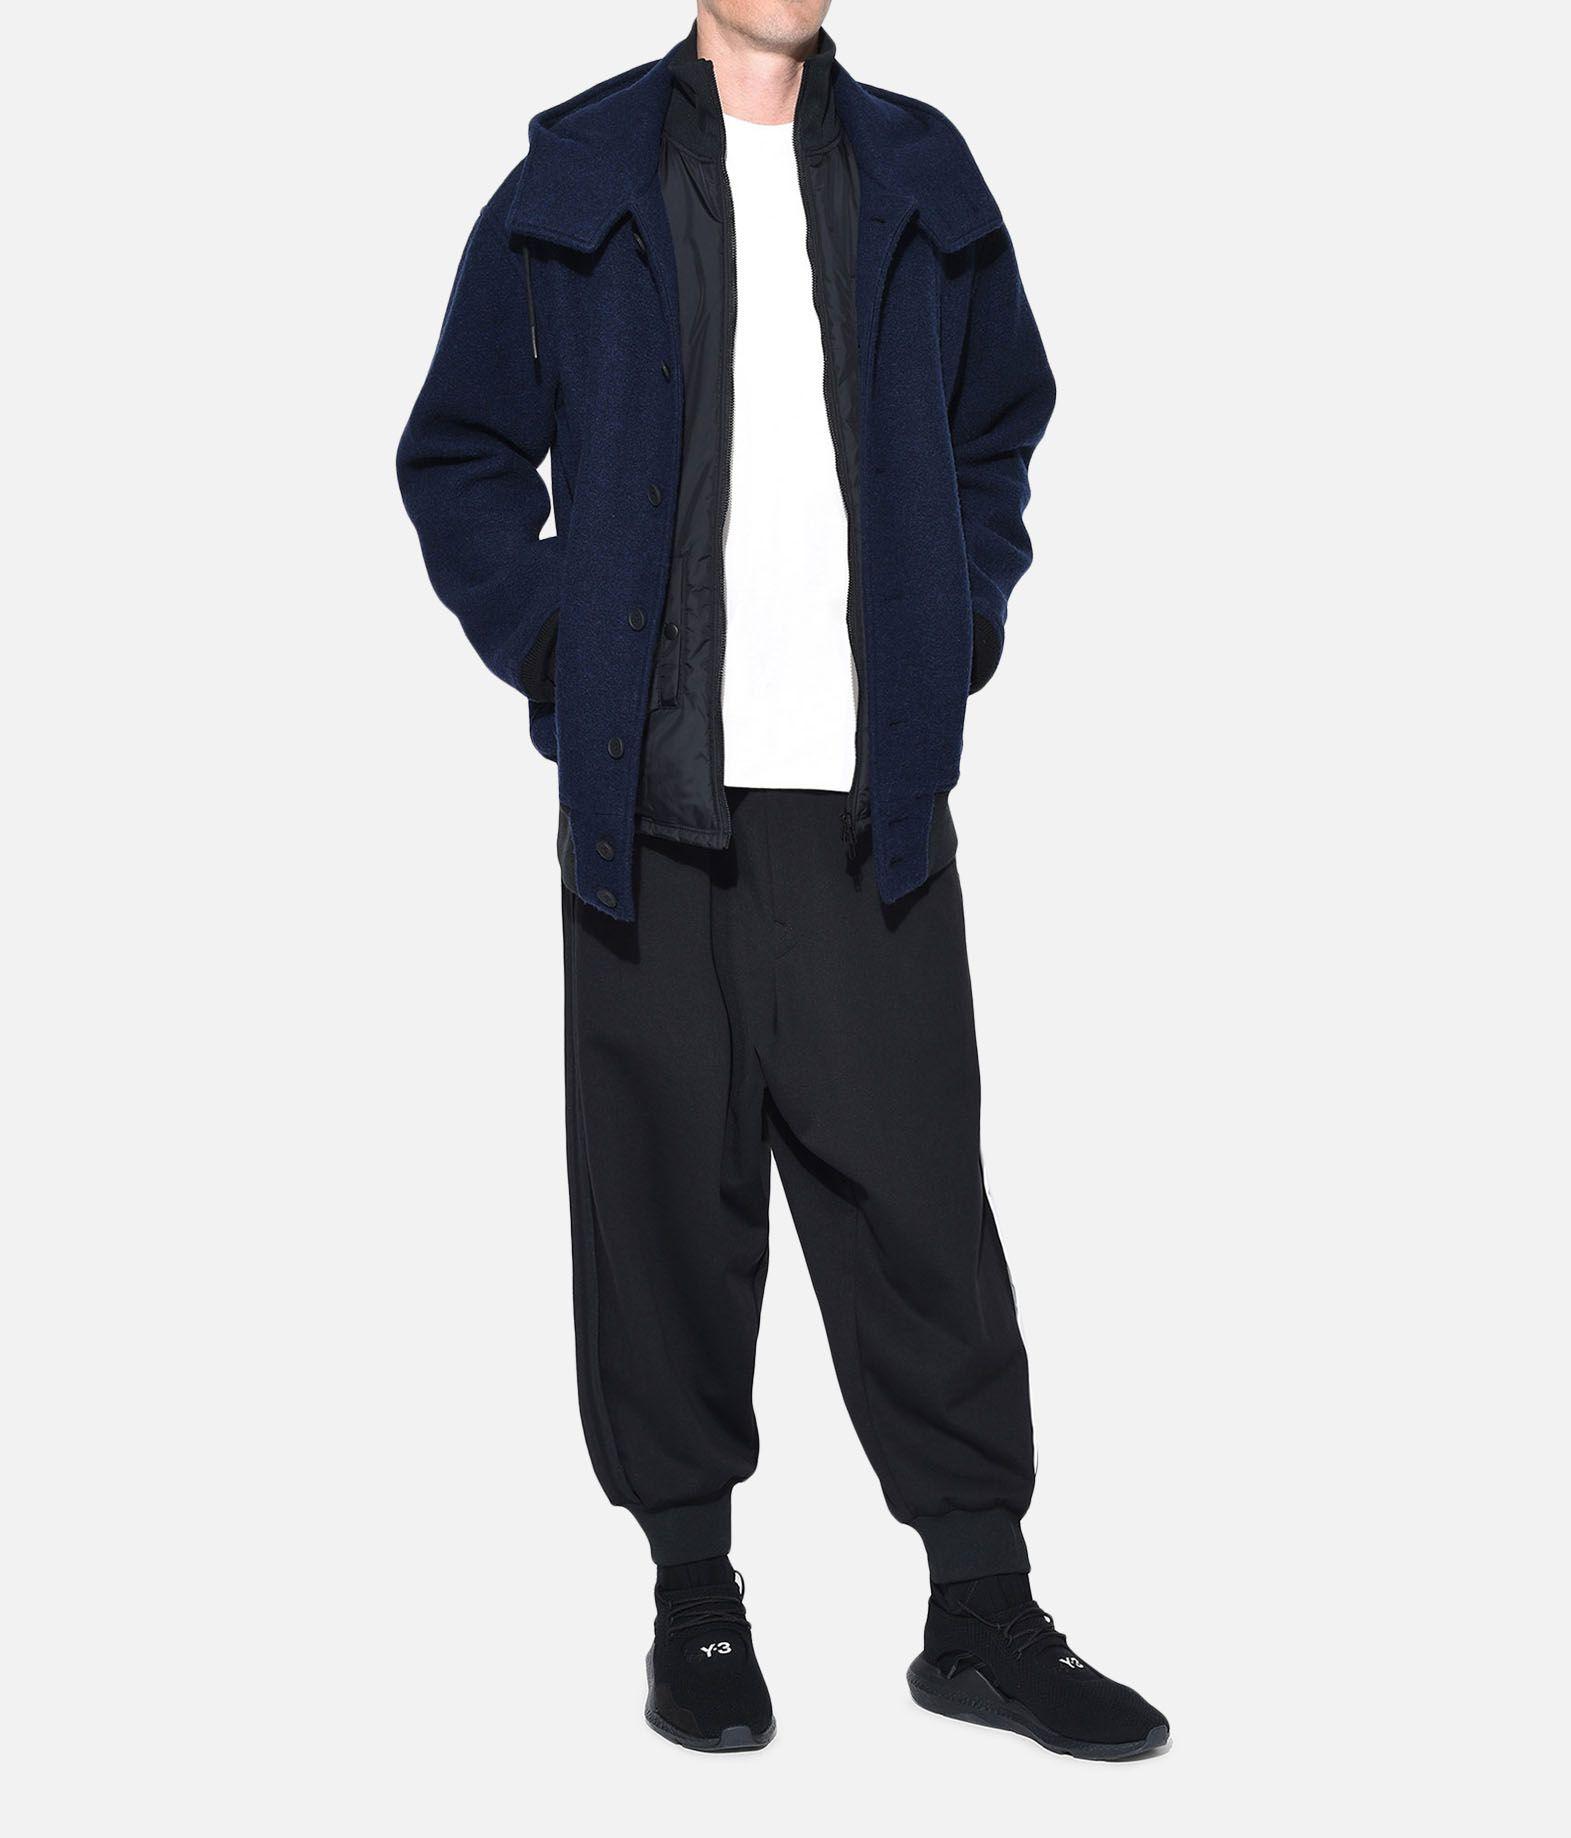 Y-3 Y-3 Wool Jacket フォーマルジャケット メンズ a